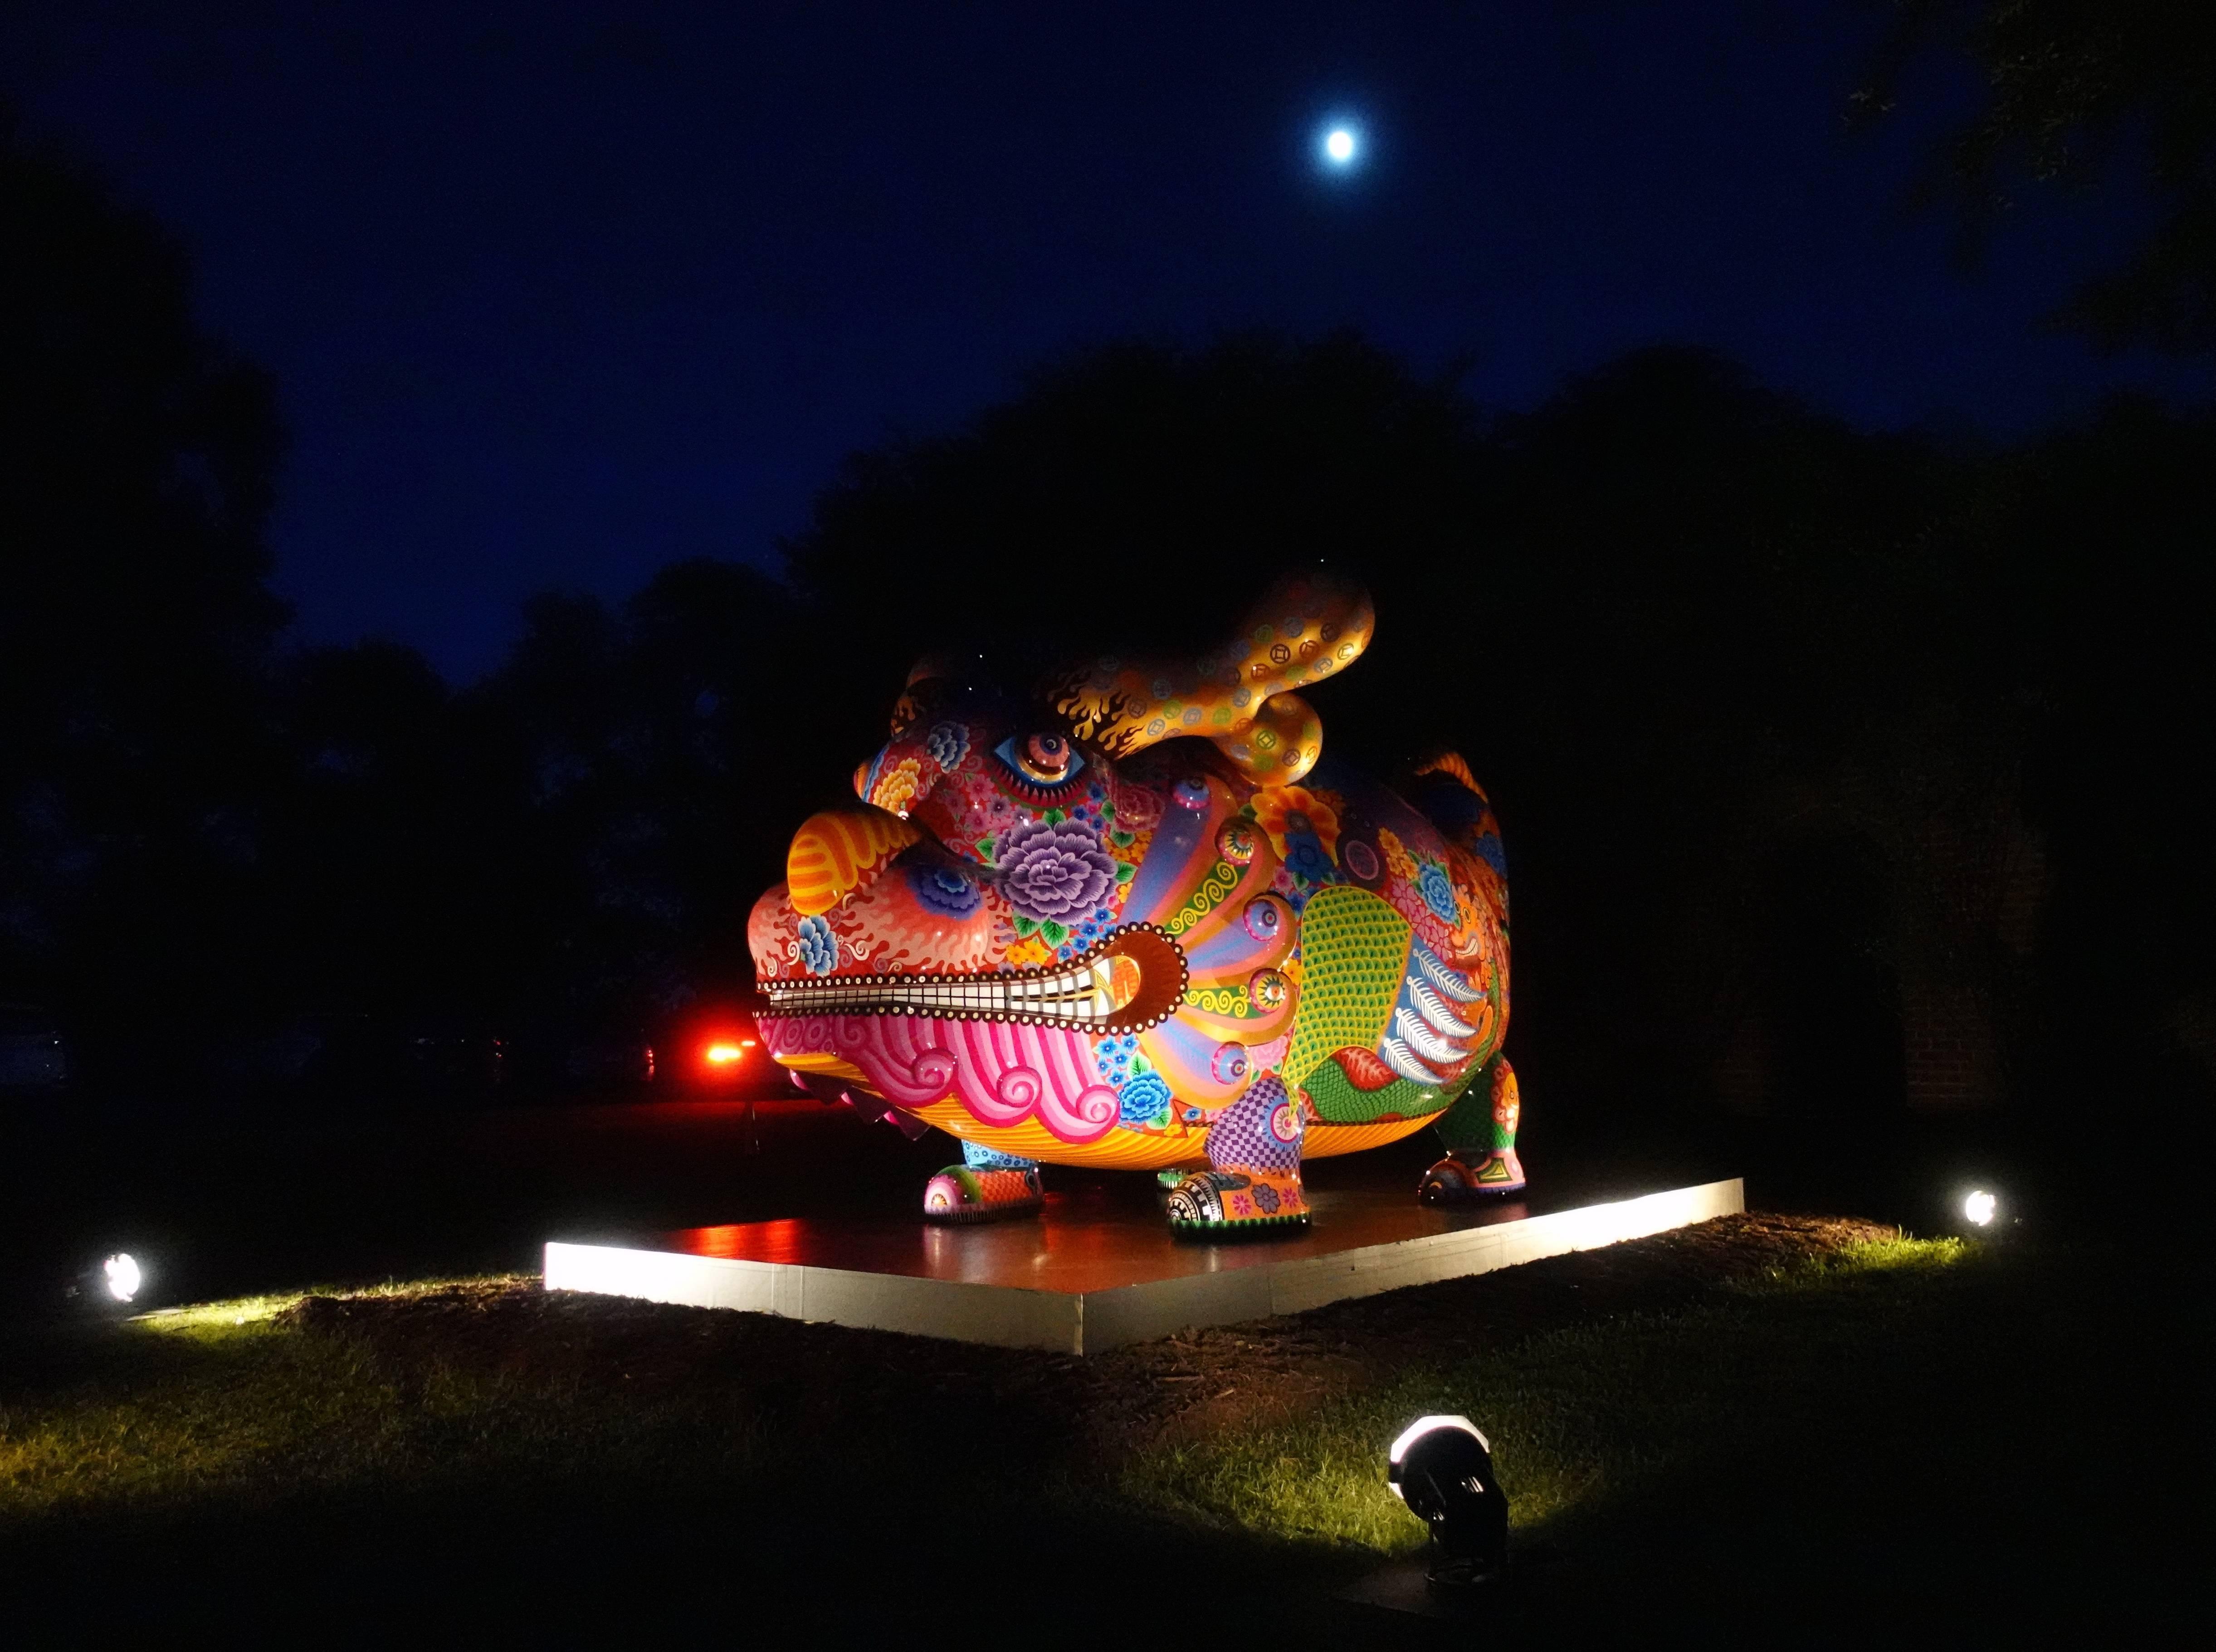 夜色中的「福龍」一樣多彩吸睛。圖/印象畫廊提供